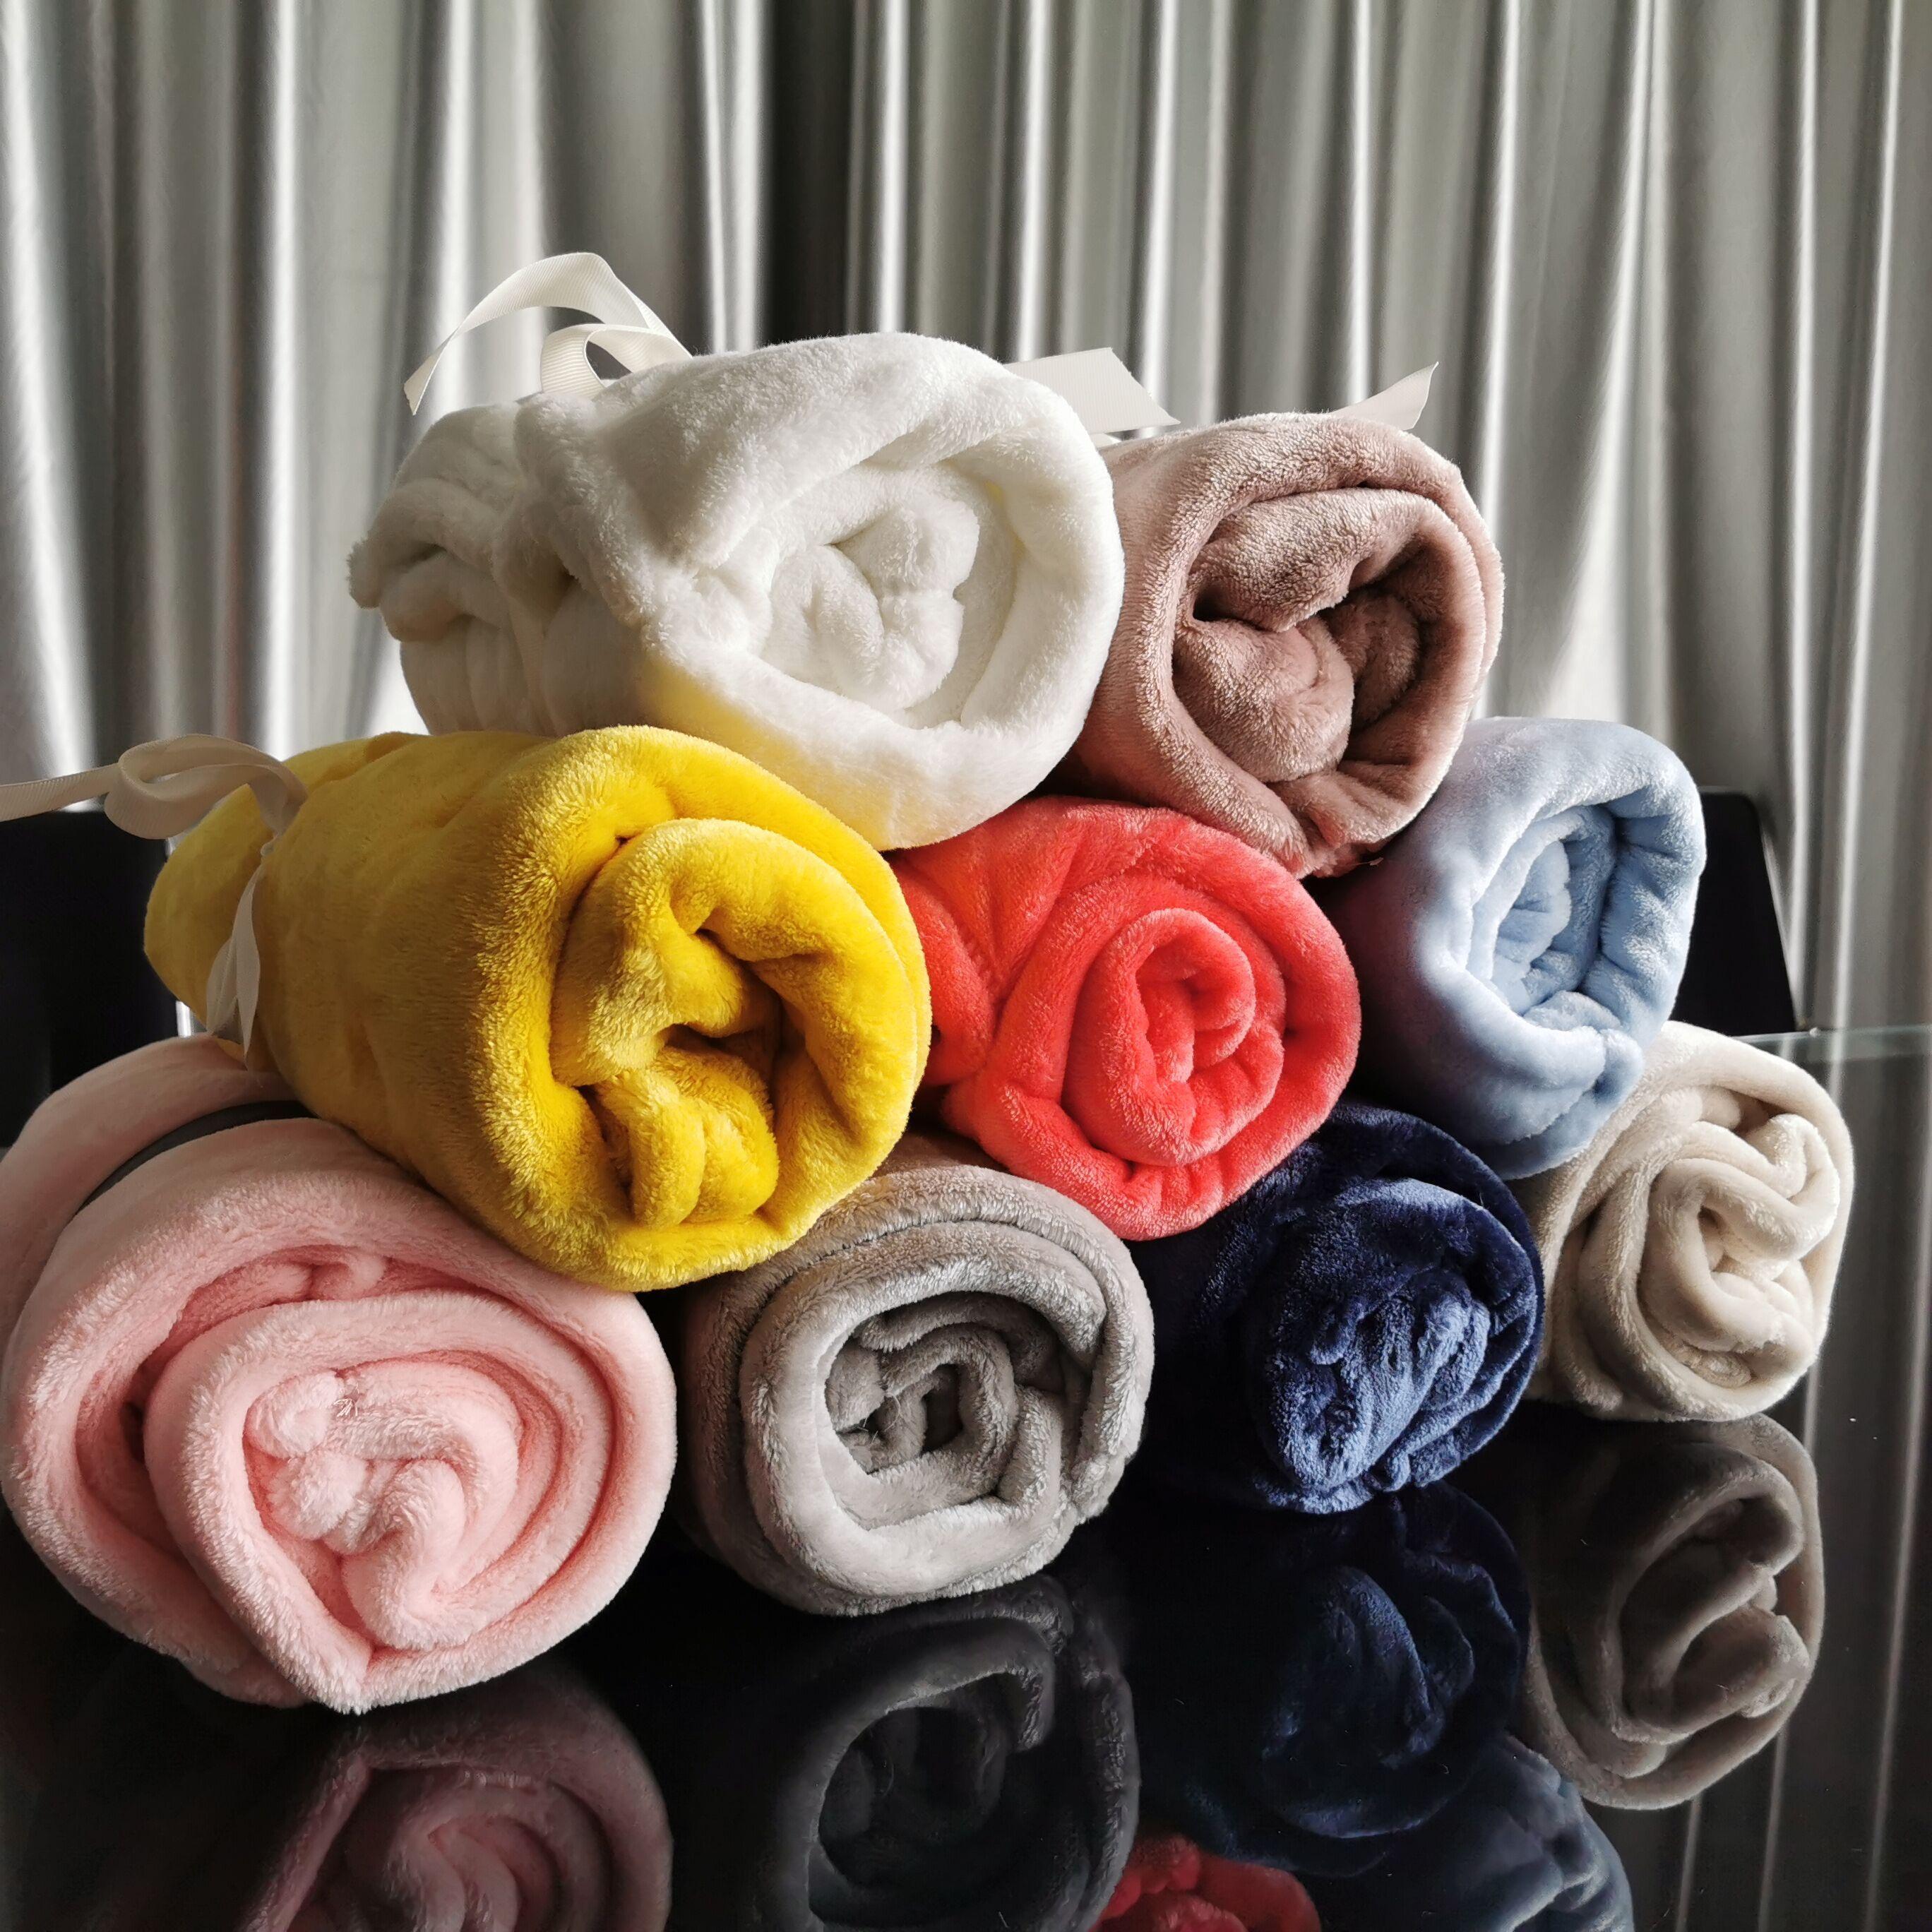 Outono e inverno Cobertor de lã Pure Color Flannel Único Escritório NAP Ar condicionado Cobertores Venda Quente 6 5LF J2